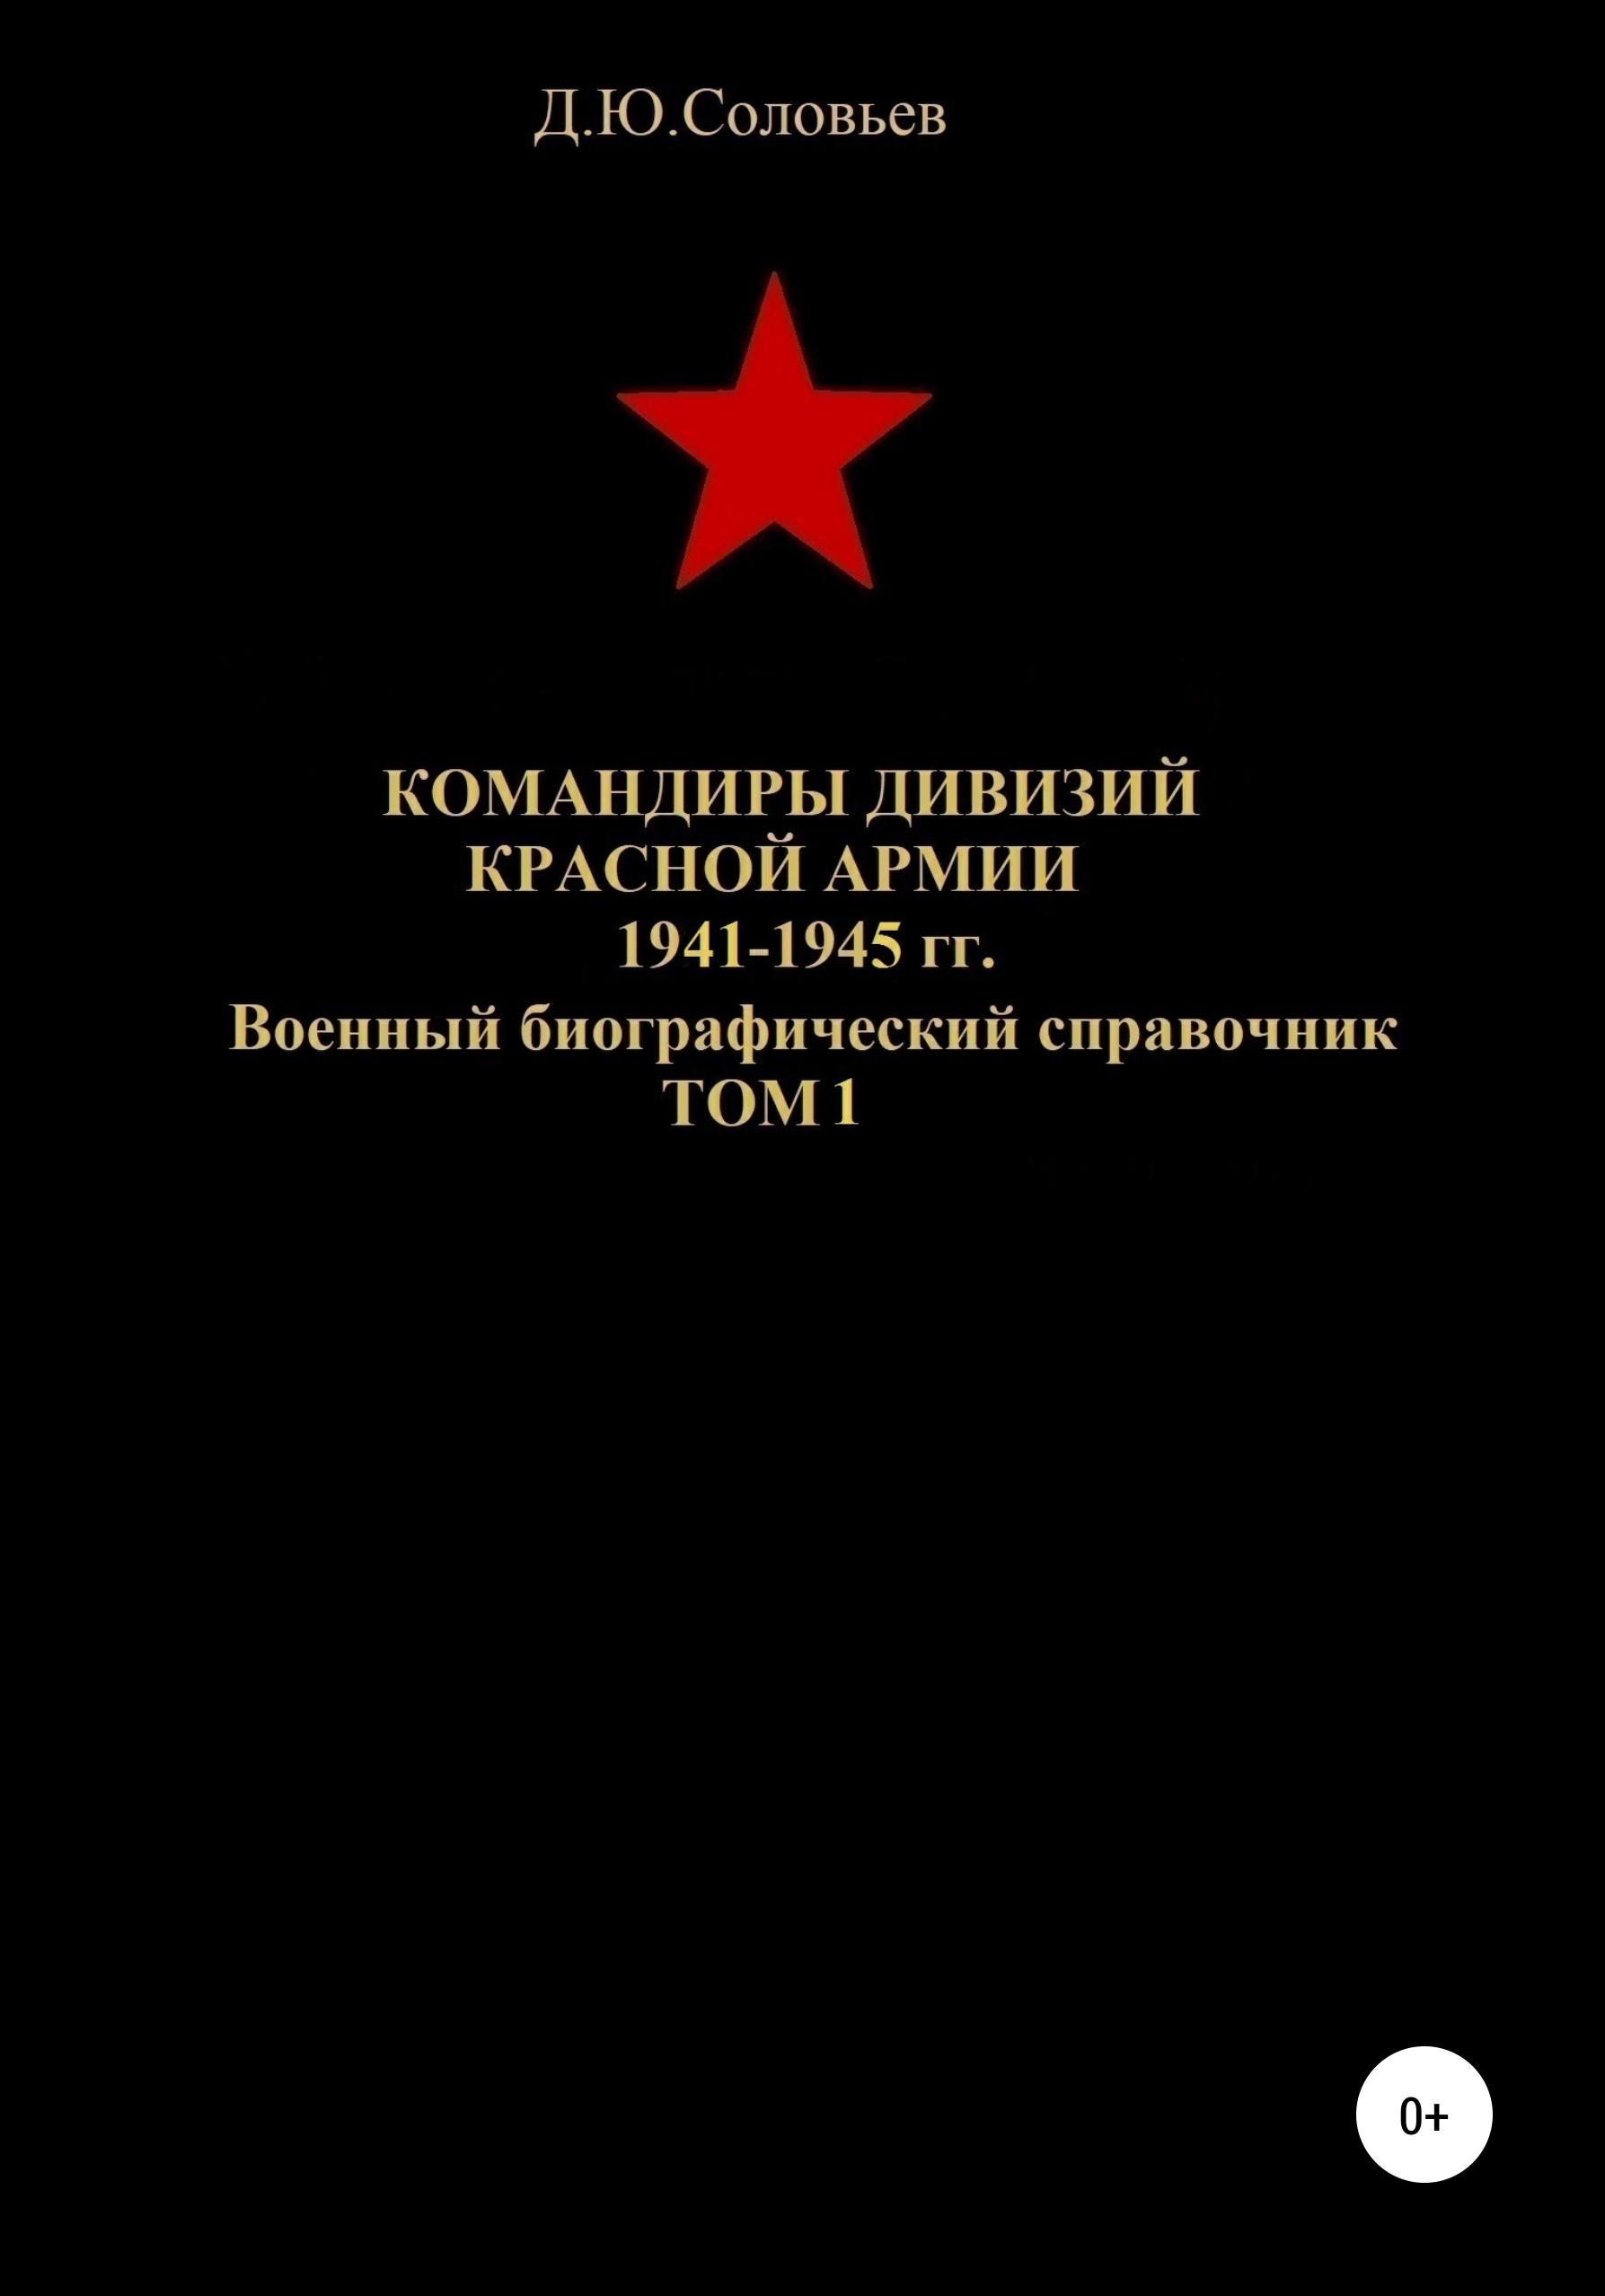 Денис Соловьев - Командиры дивизий Красной Армии 1941-1945 гг. Том 1